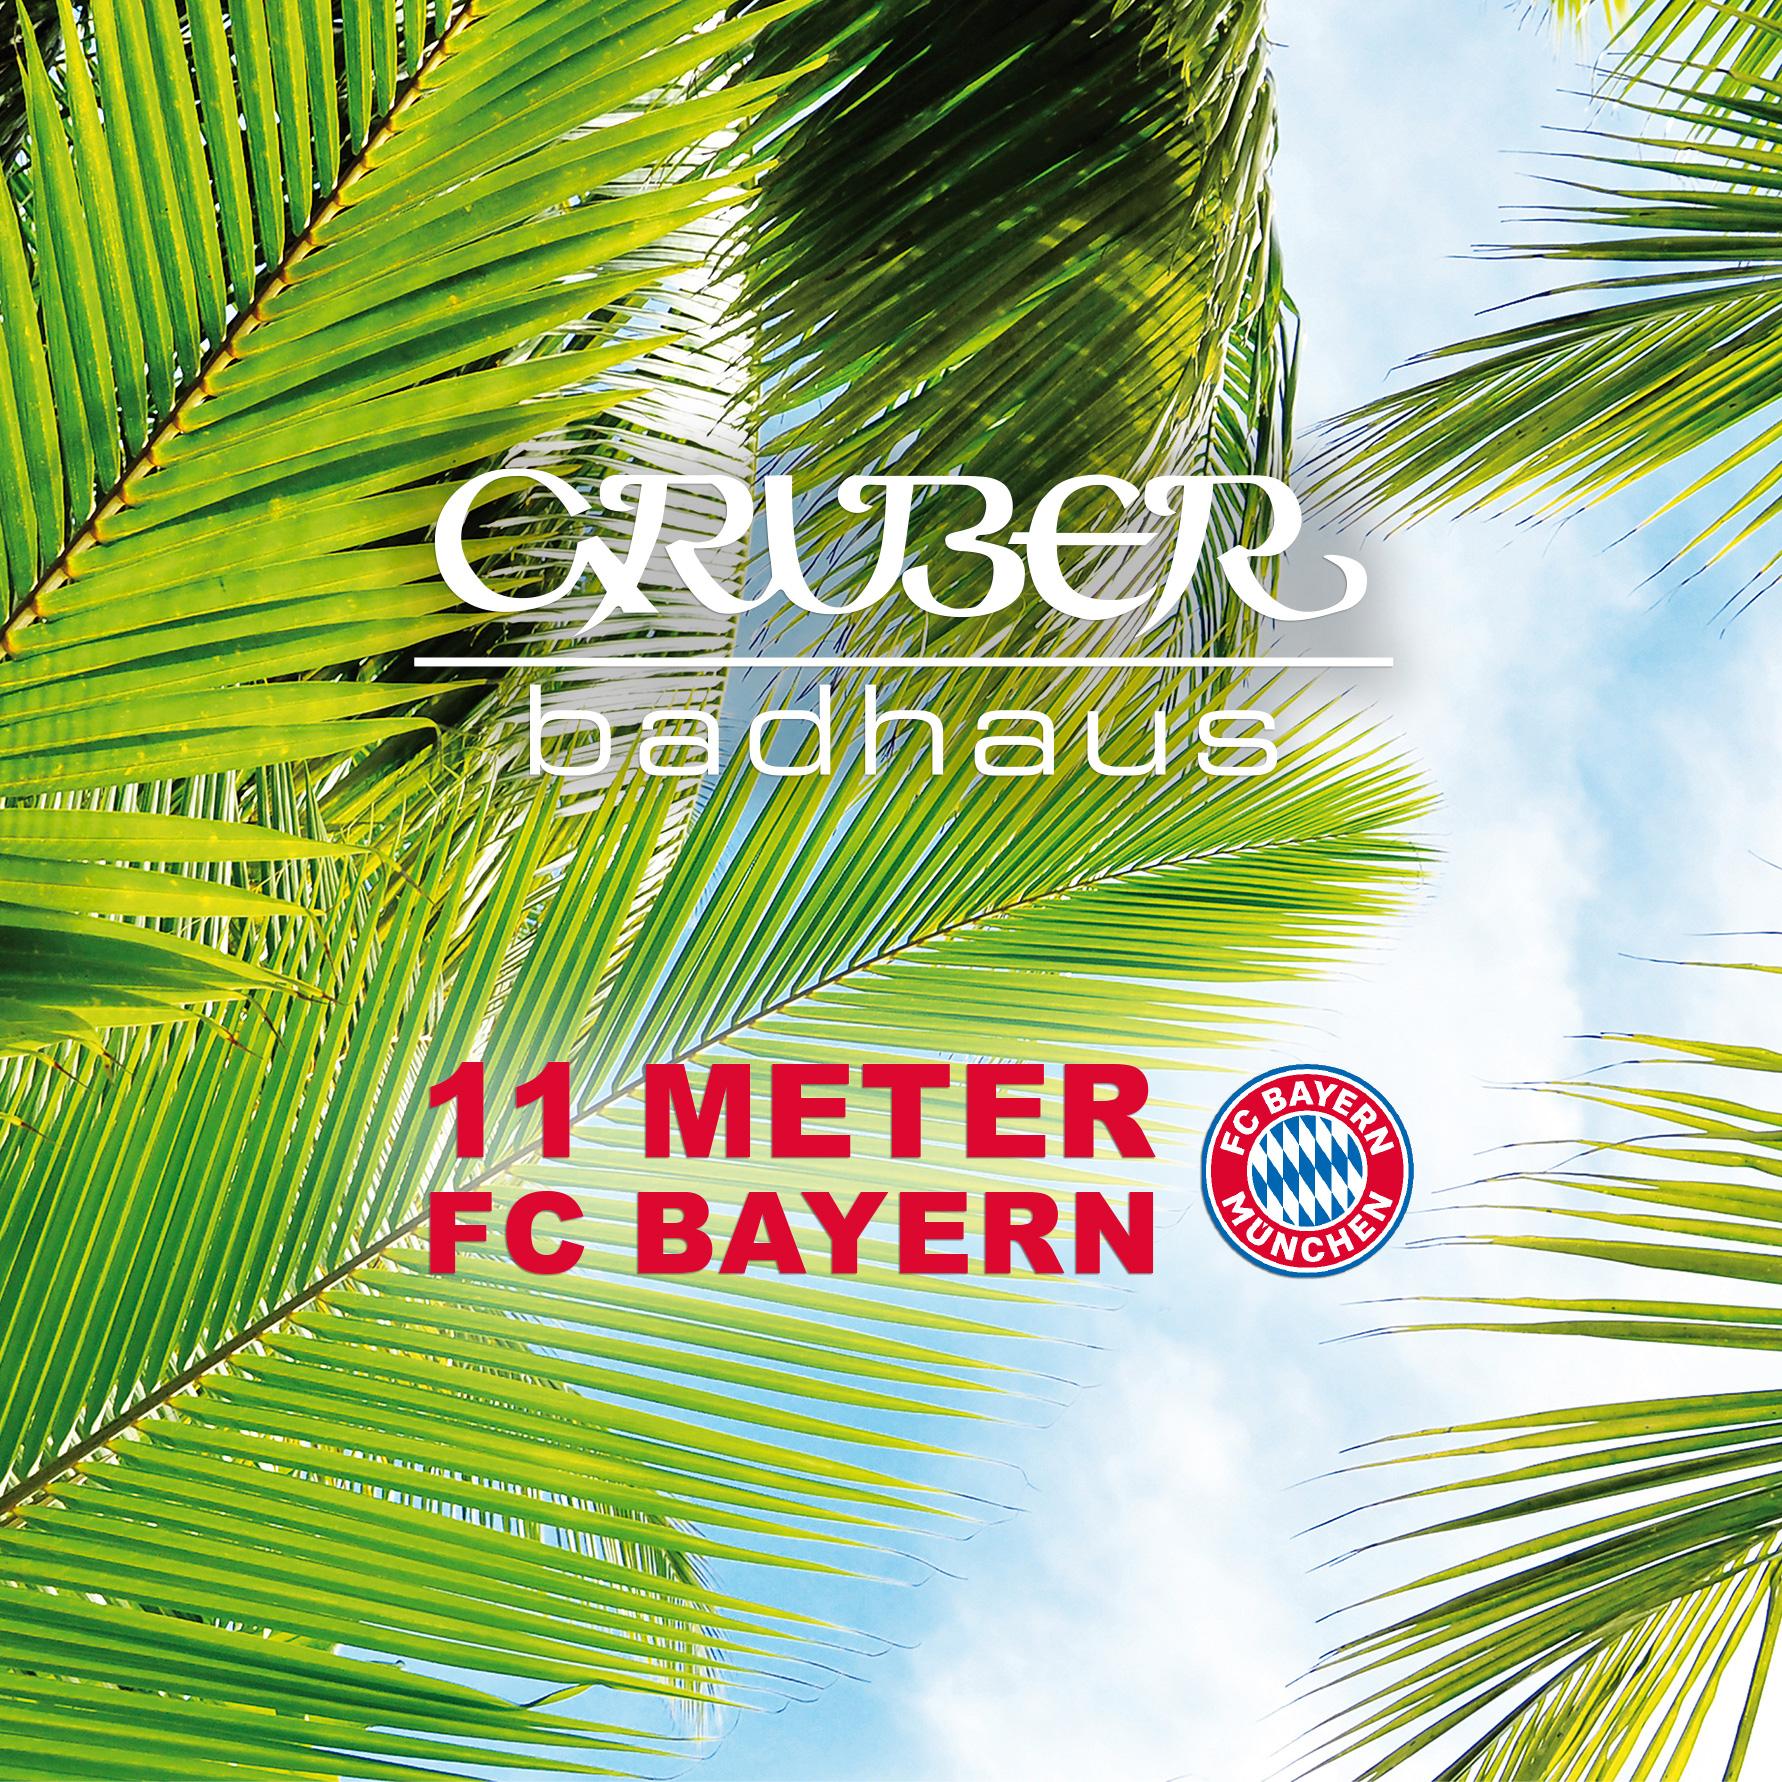 Gruber Badhaus & 11 Meter FC Bayern Wir haben ab 25. Juni wieder geöffnet